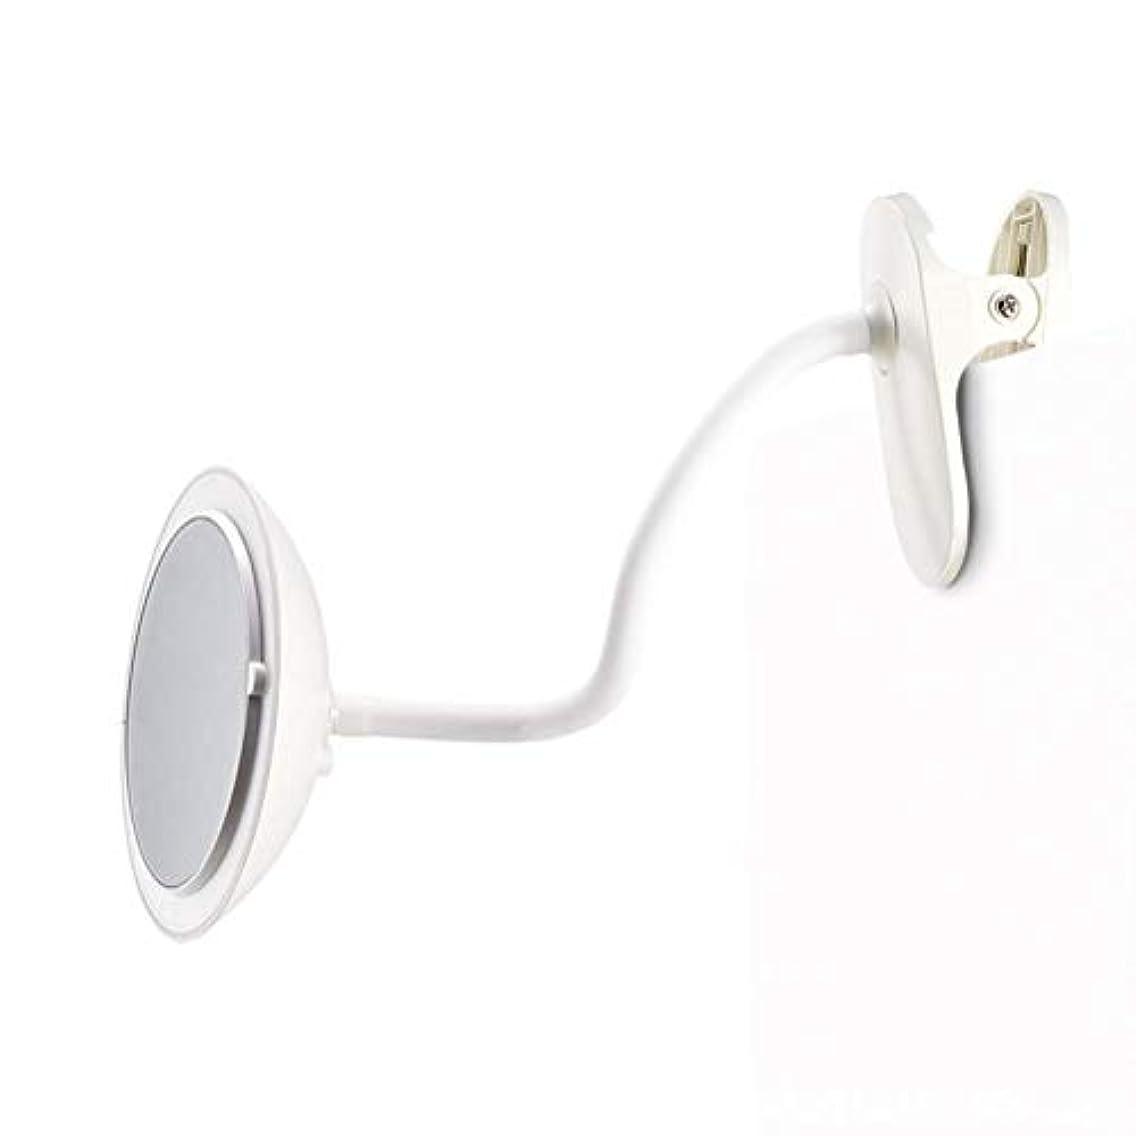 仲介者怪しいなんでもクリップタイプLED化粧鏡付き5倍ミラー調整可能な柔軟なグースネック360°回転3つの明るさ調整両面化粧鏡ホワイト